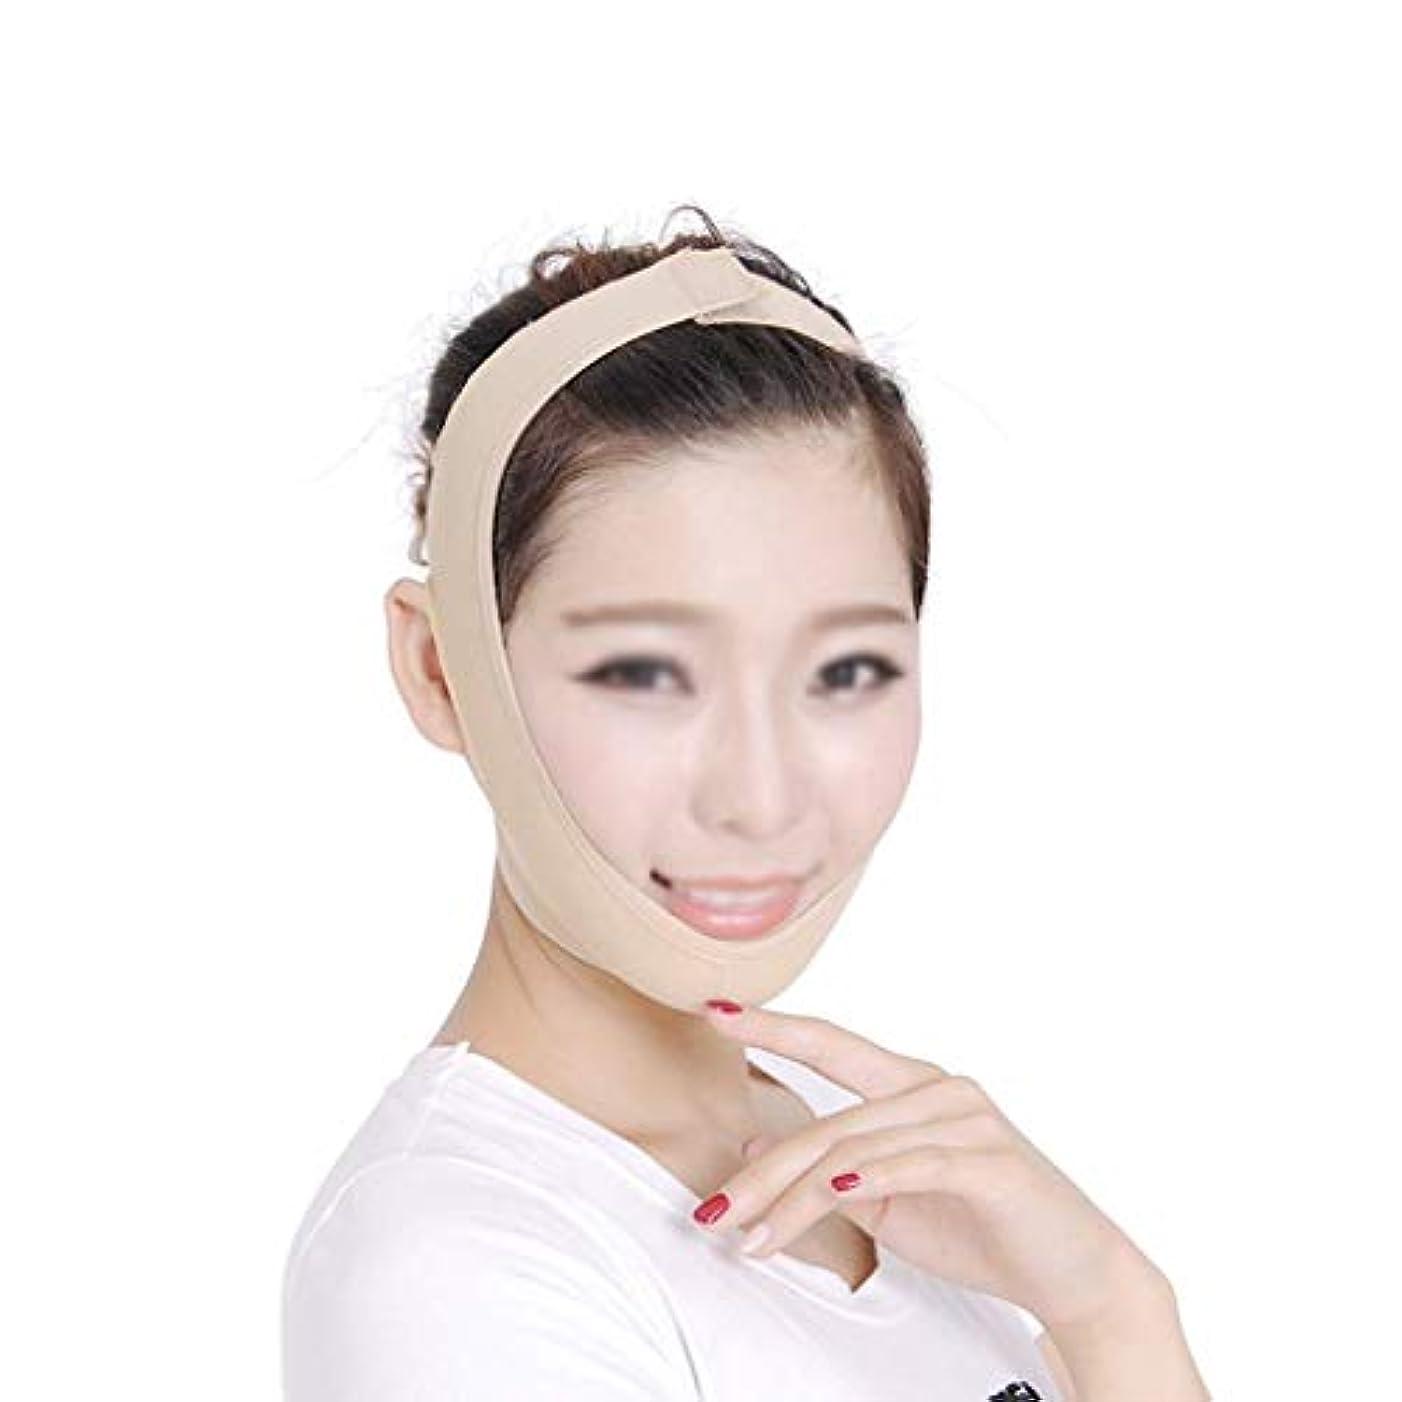 スリンクバックアップシリーズフェイシャル減量マスクリフティングフェイス、フェイスマスク、減量包帯を除去するためのダブルチン、フェイシャルリフティング包帯、ダブルチンを減らすためのリフティングベルト(カラー:ブラック、サイズ:M),イエローピンク、XXL